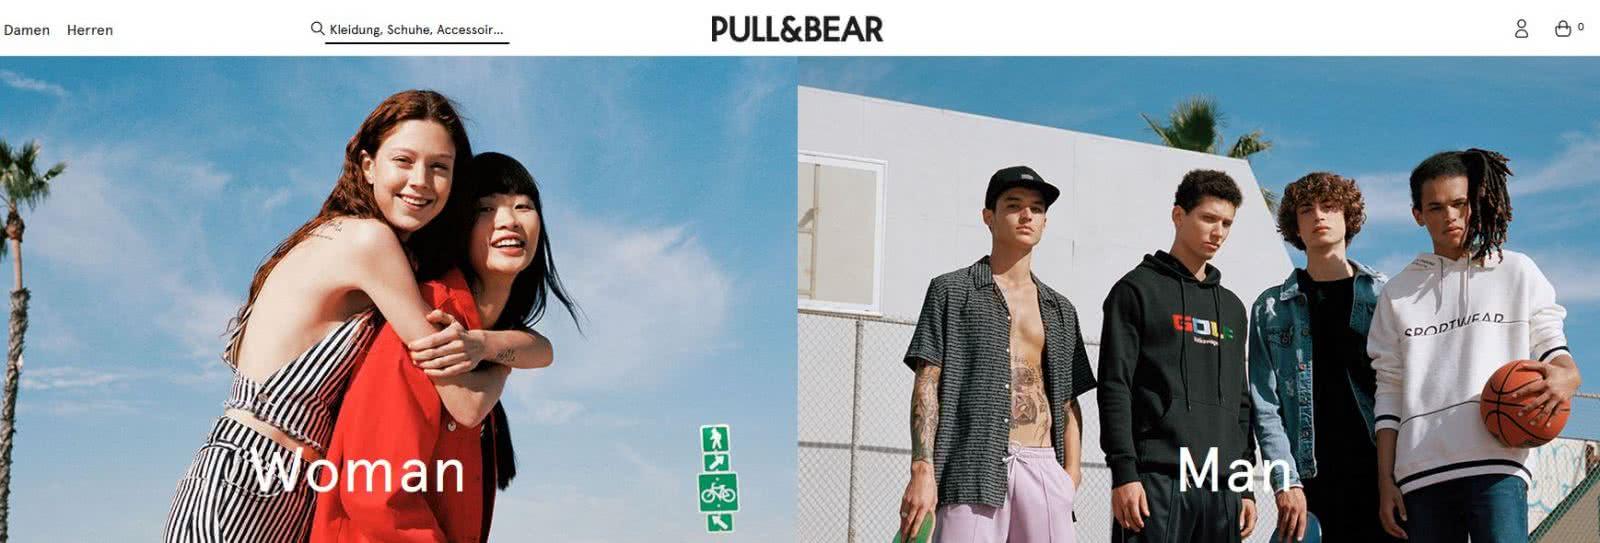 Pull & Bear Gutschein